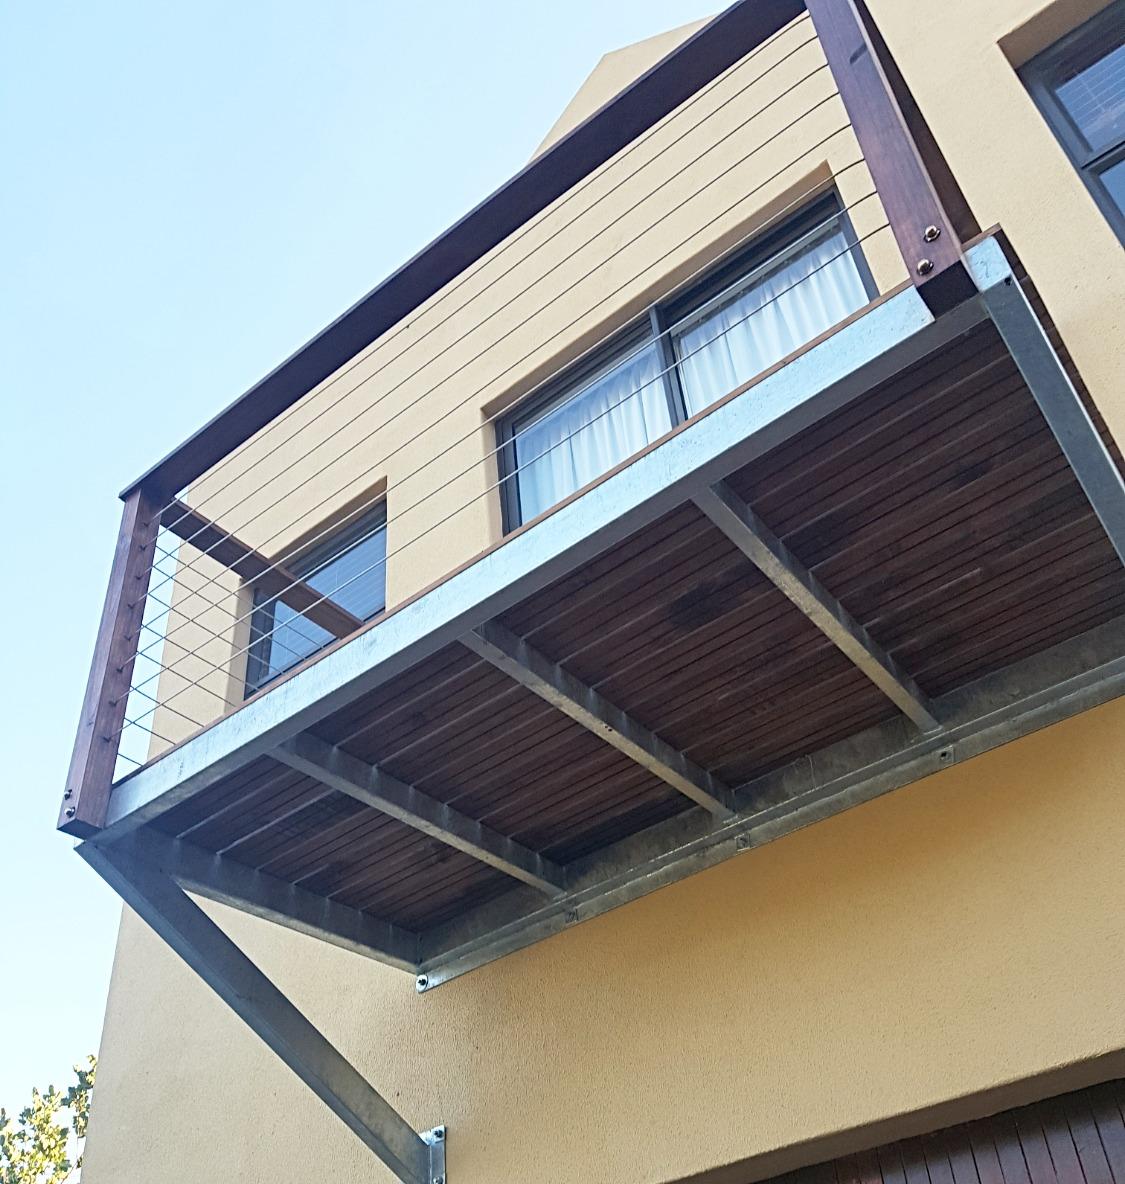 Balustradebalcony1